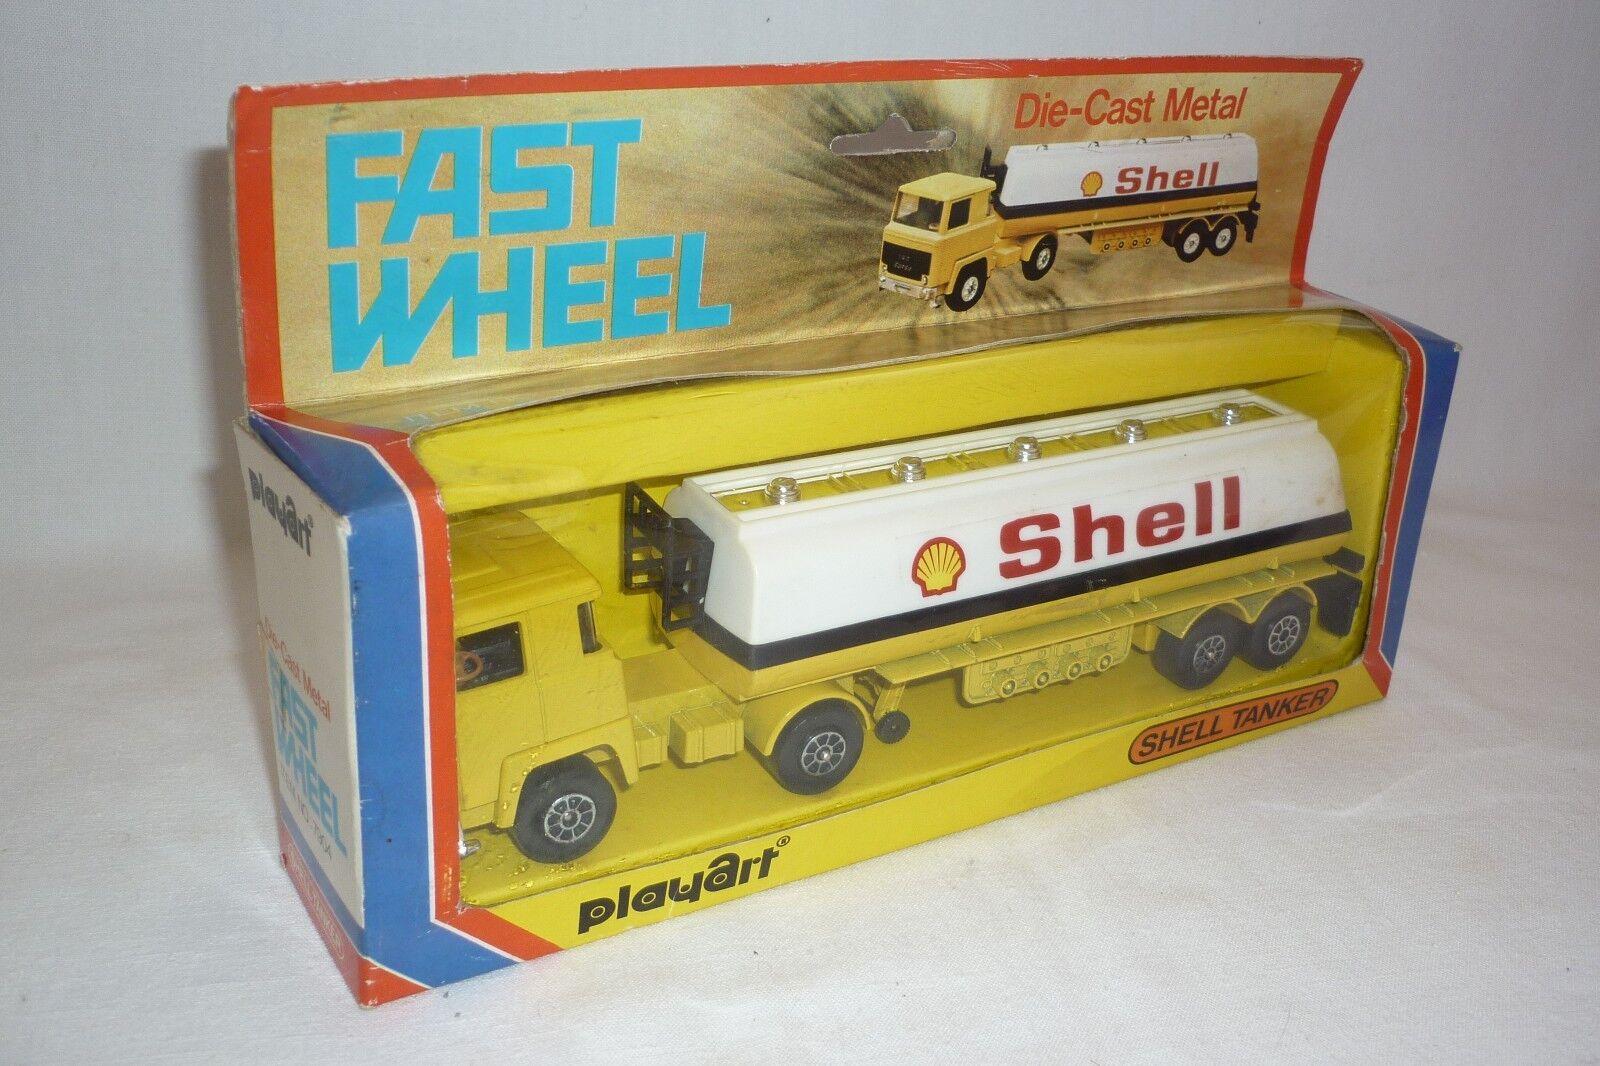 Playart Die Cast Metal - Model - Shell Tanker - Nr. 7904 - Ovp - (7.div-29)